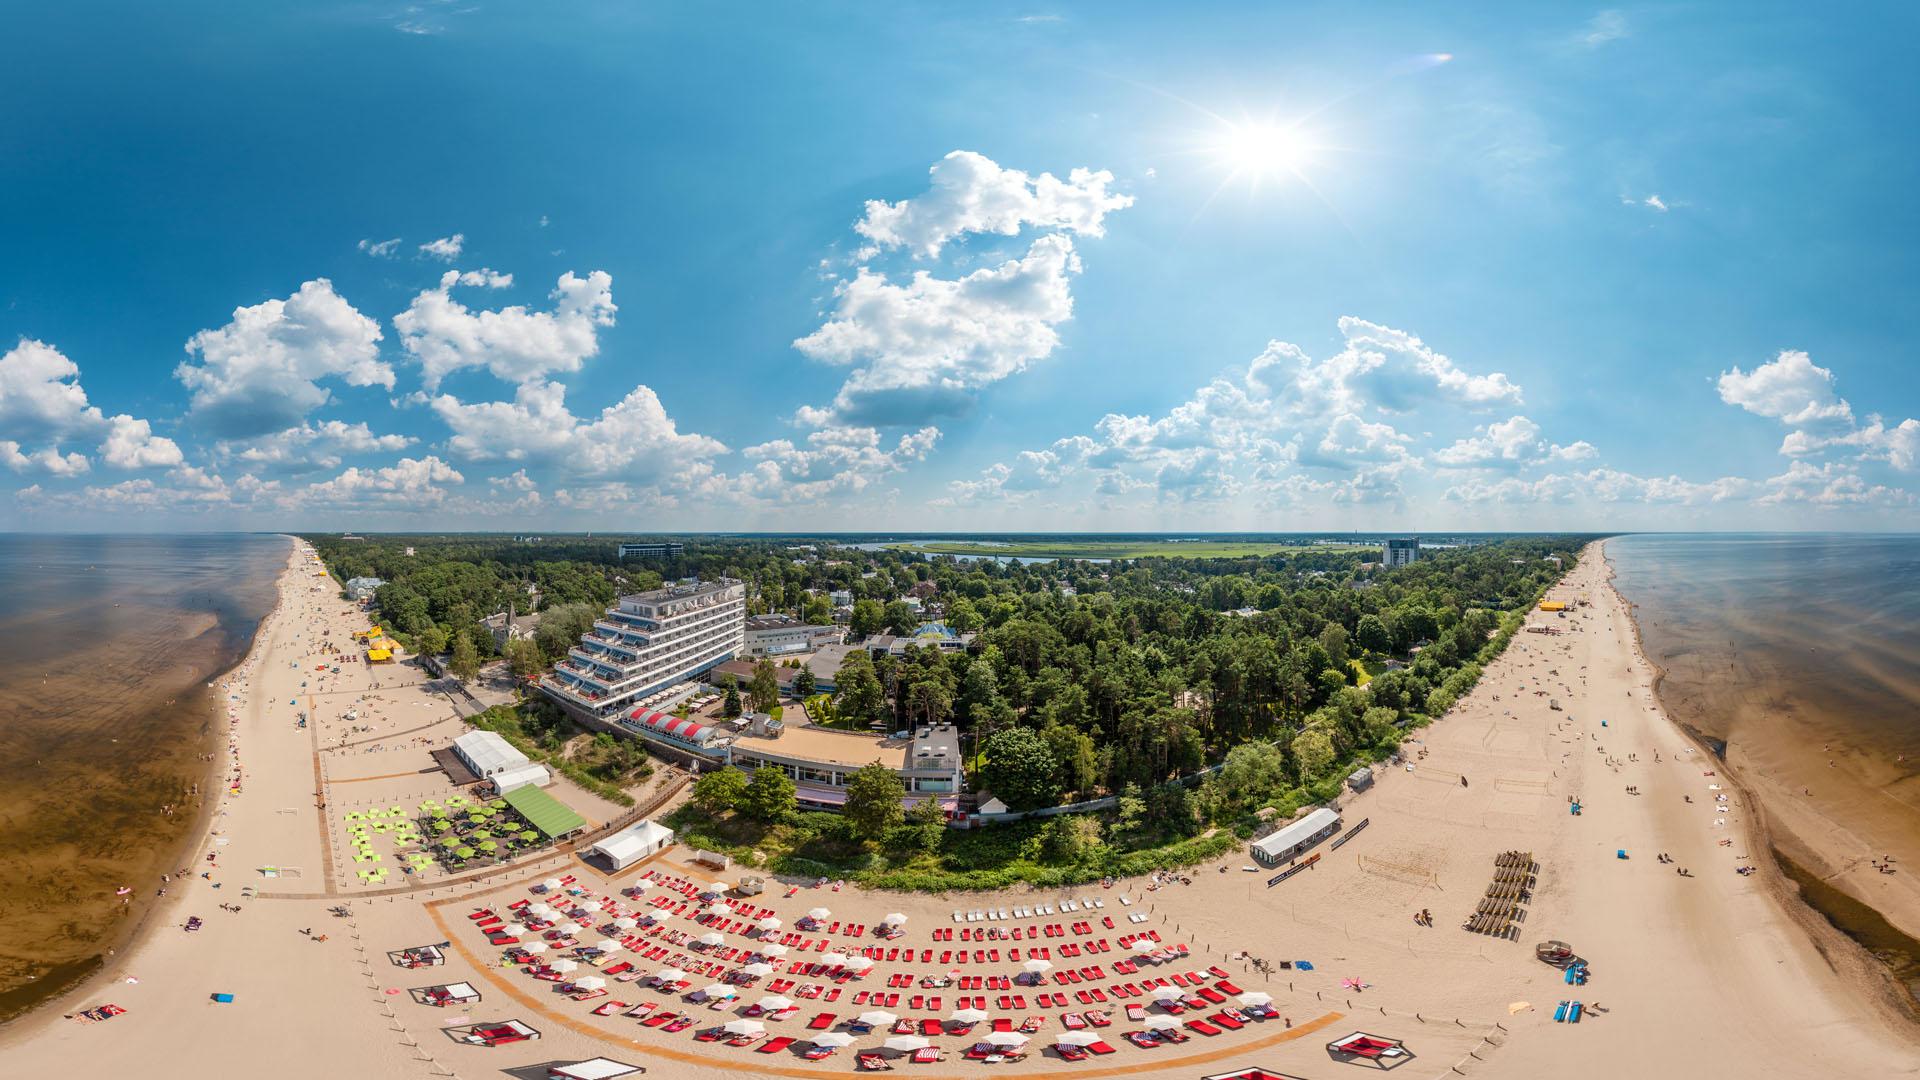 Jurmala-Resort-Aerial-HD-360-degree-virtualtour